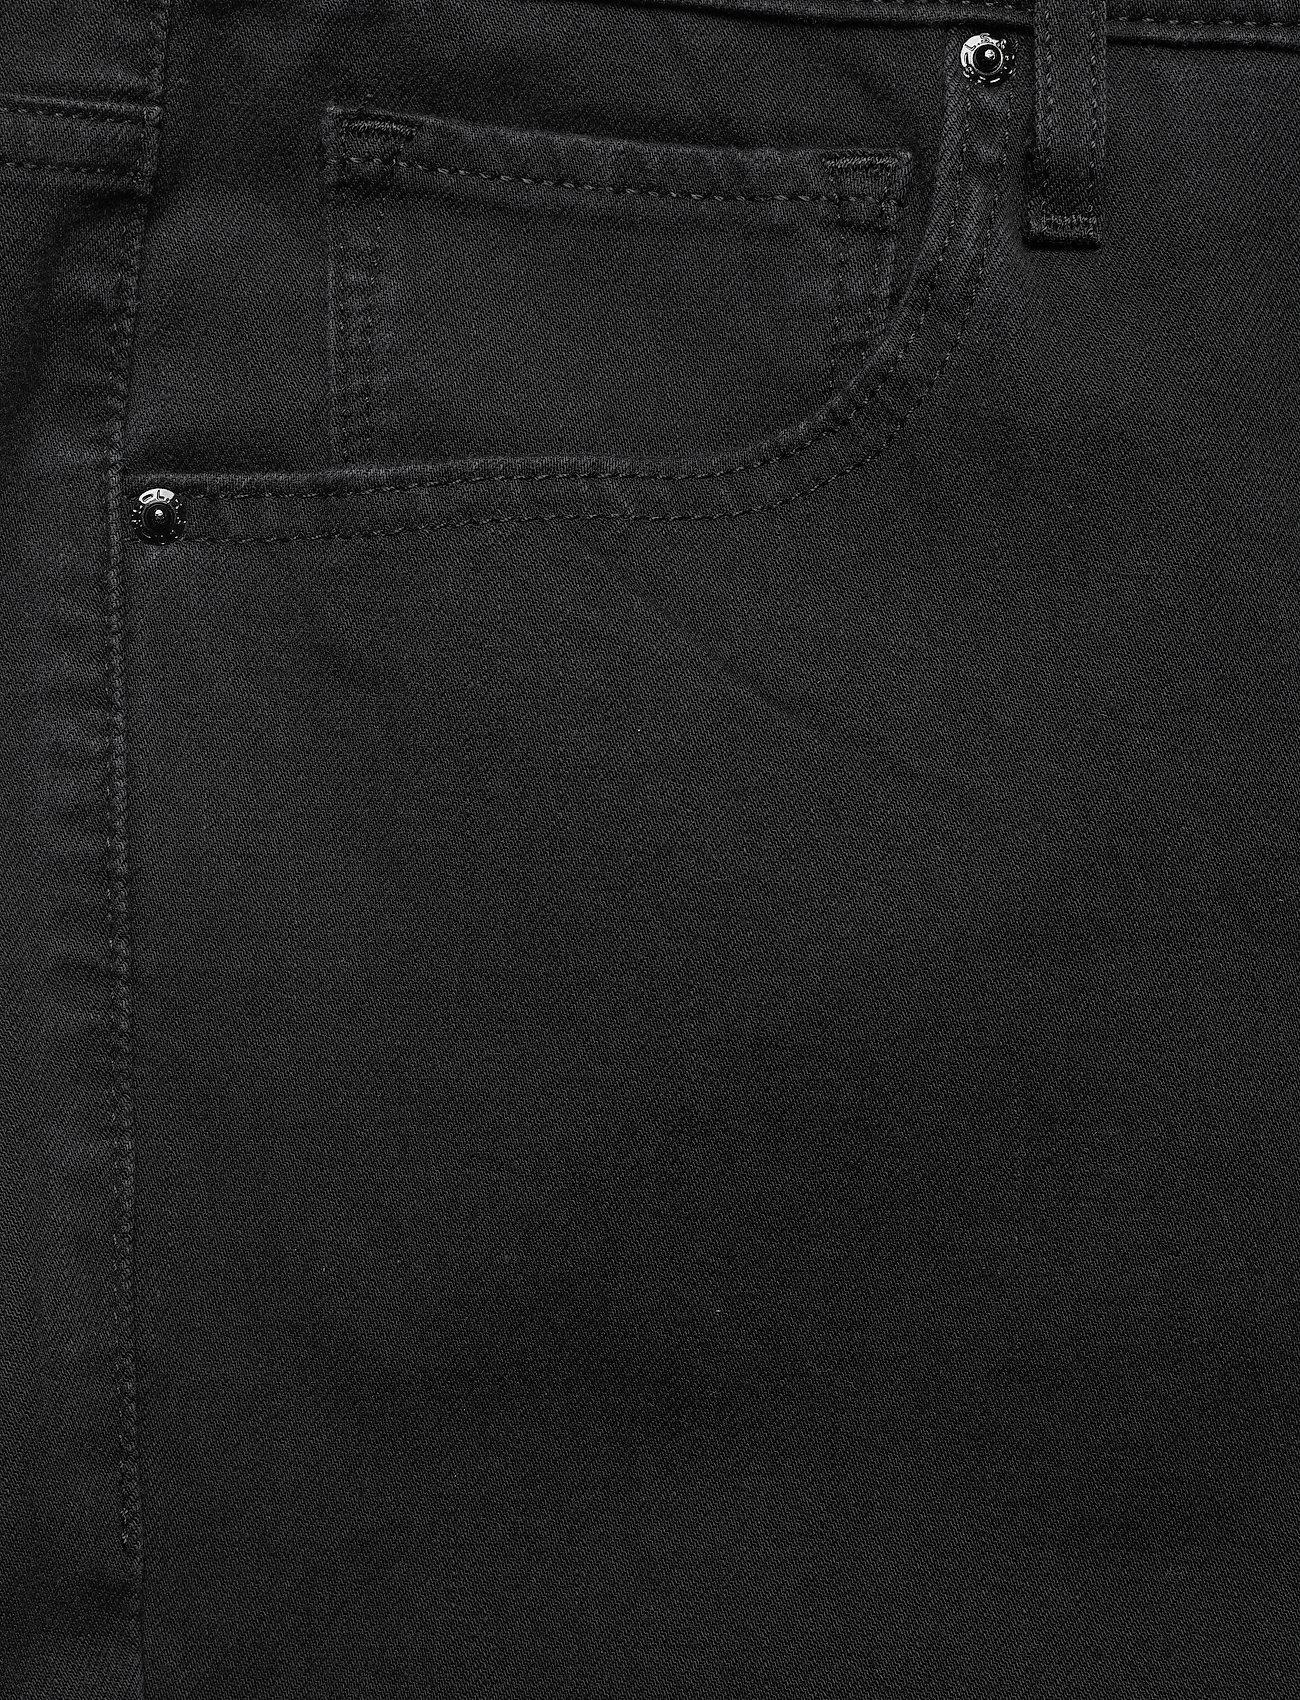 Levi's Plus Size - 721 PL HIRISE SKINNY LONG SHOT - skinny jeans - blacks - 2